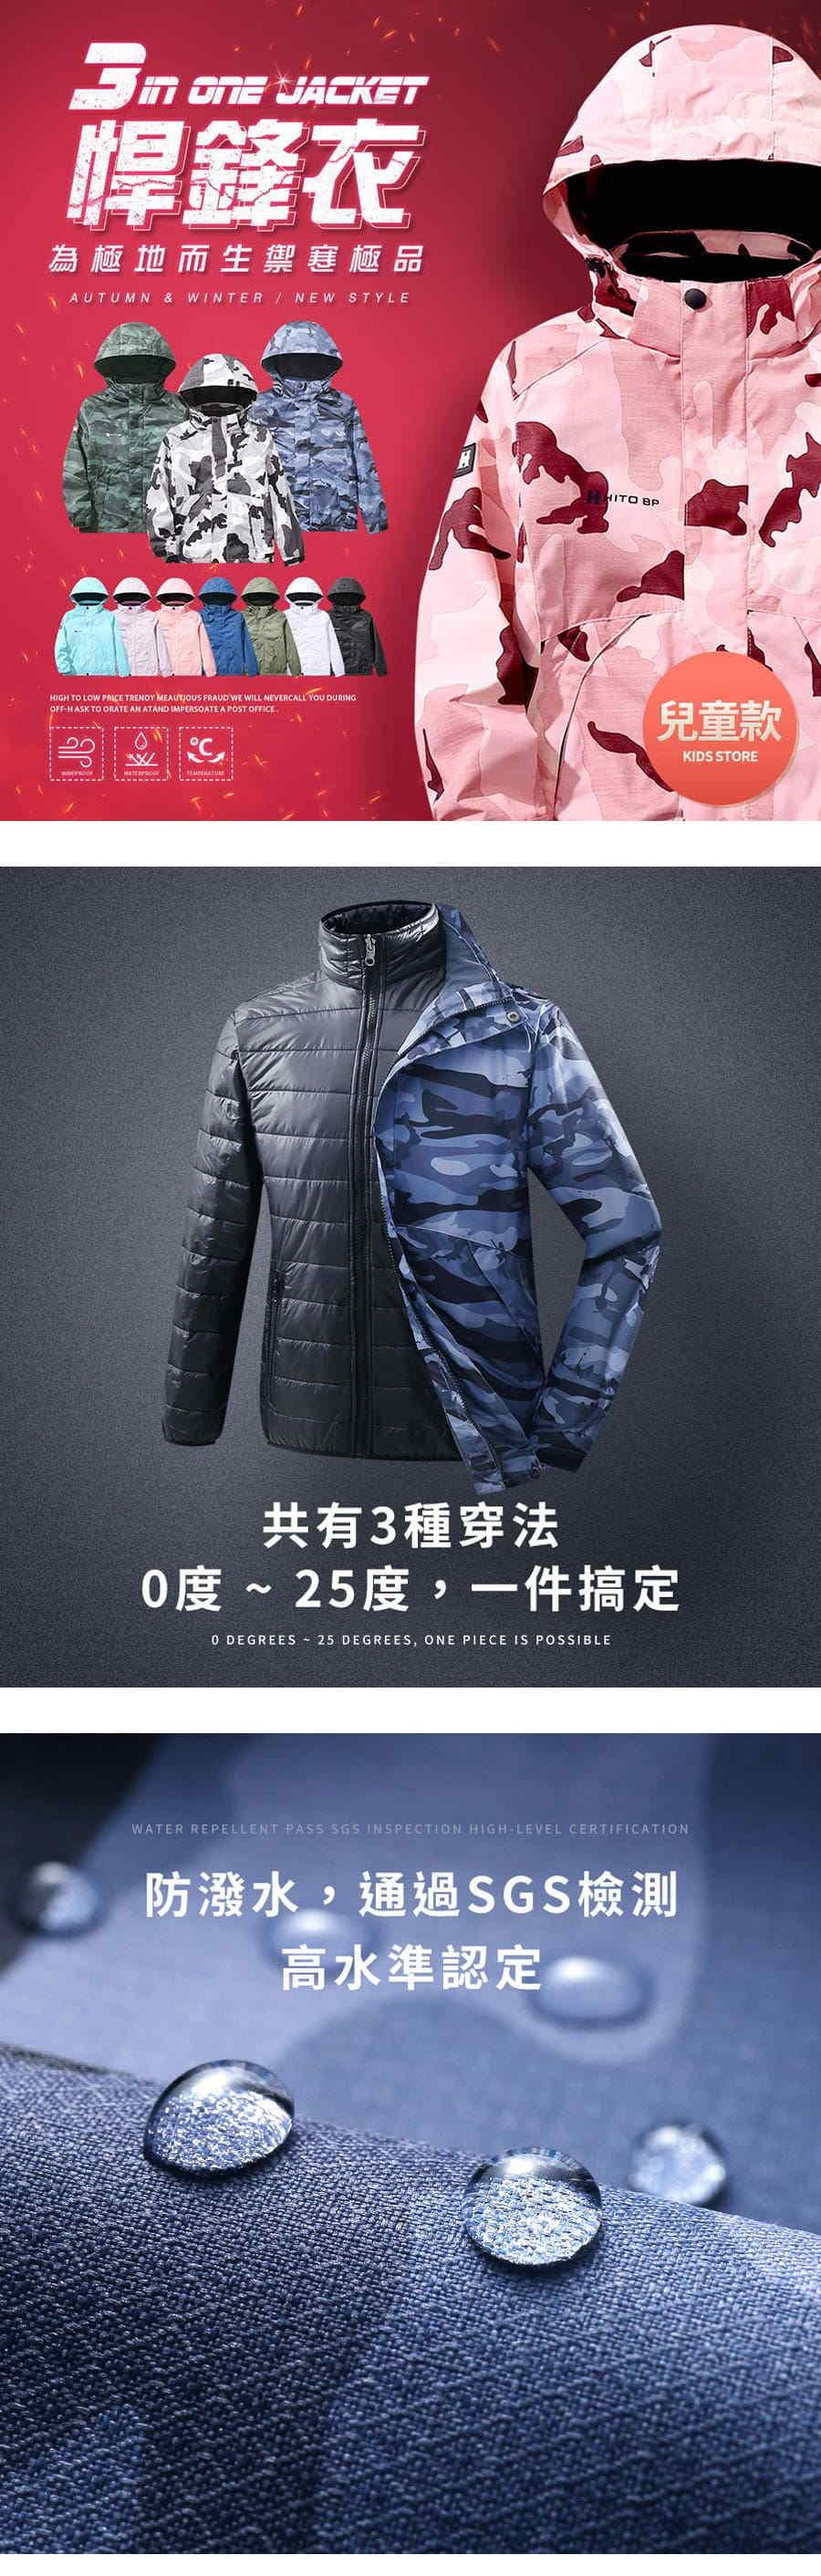 【悍鋒衣.童款】3合1機能外套.為極地而生禦寒極品.SGS多重認證